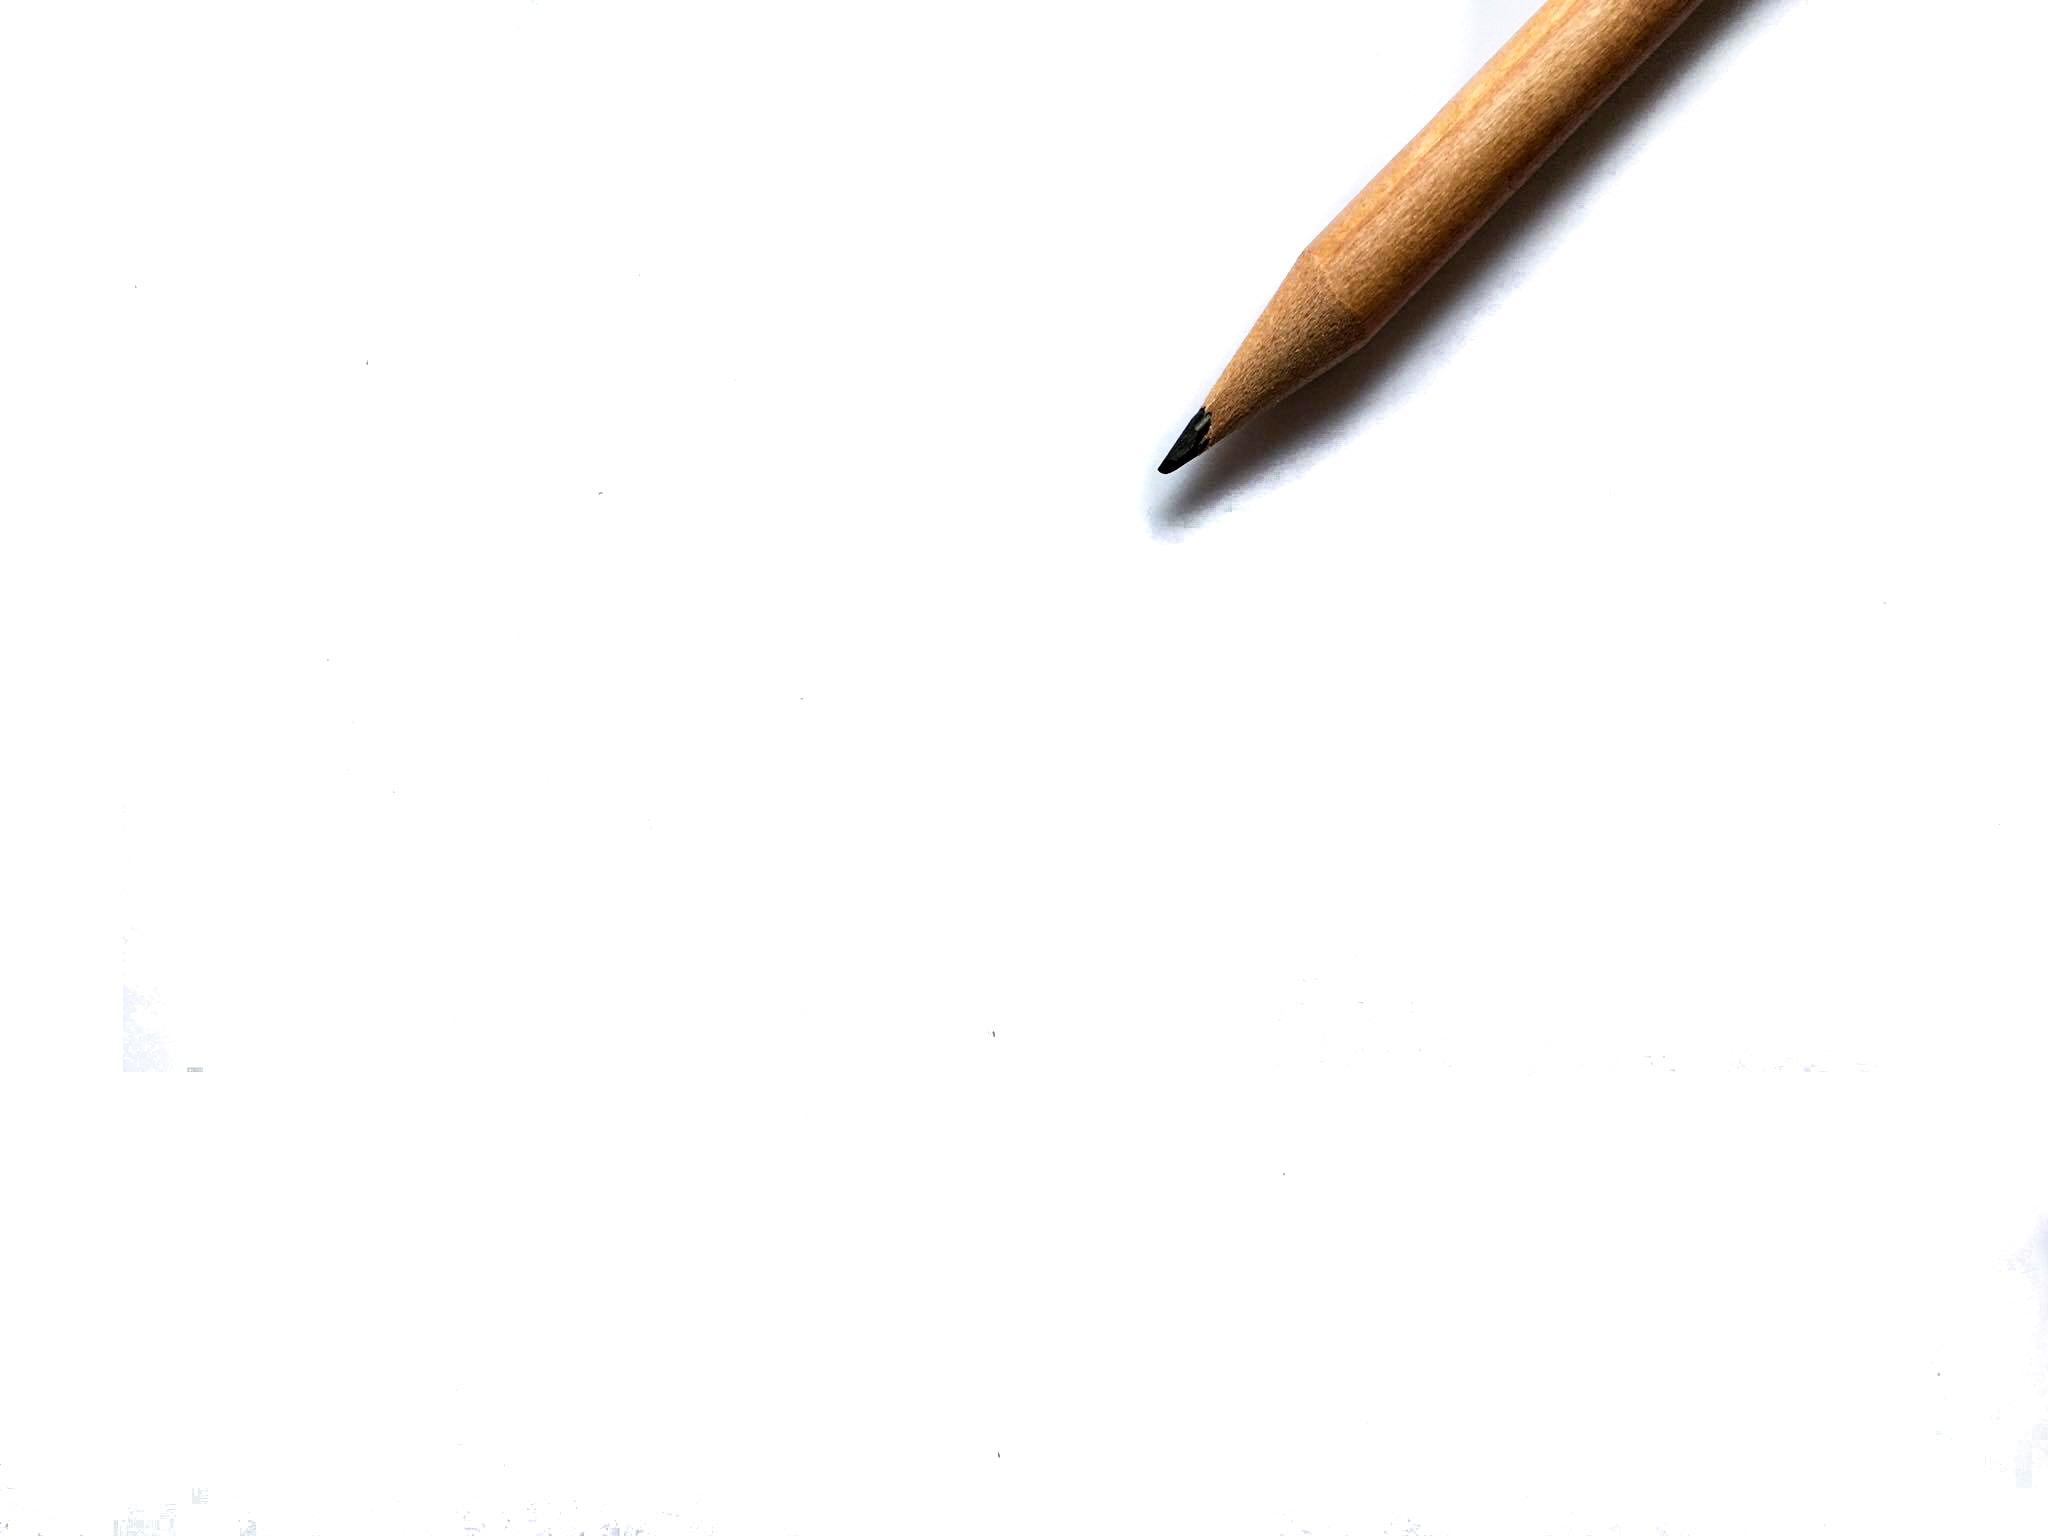 Ucretsiz Afis Resmi Blog Yazisi Bos Sayfa Stok Fotografi